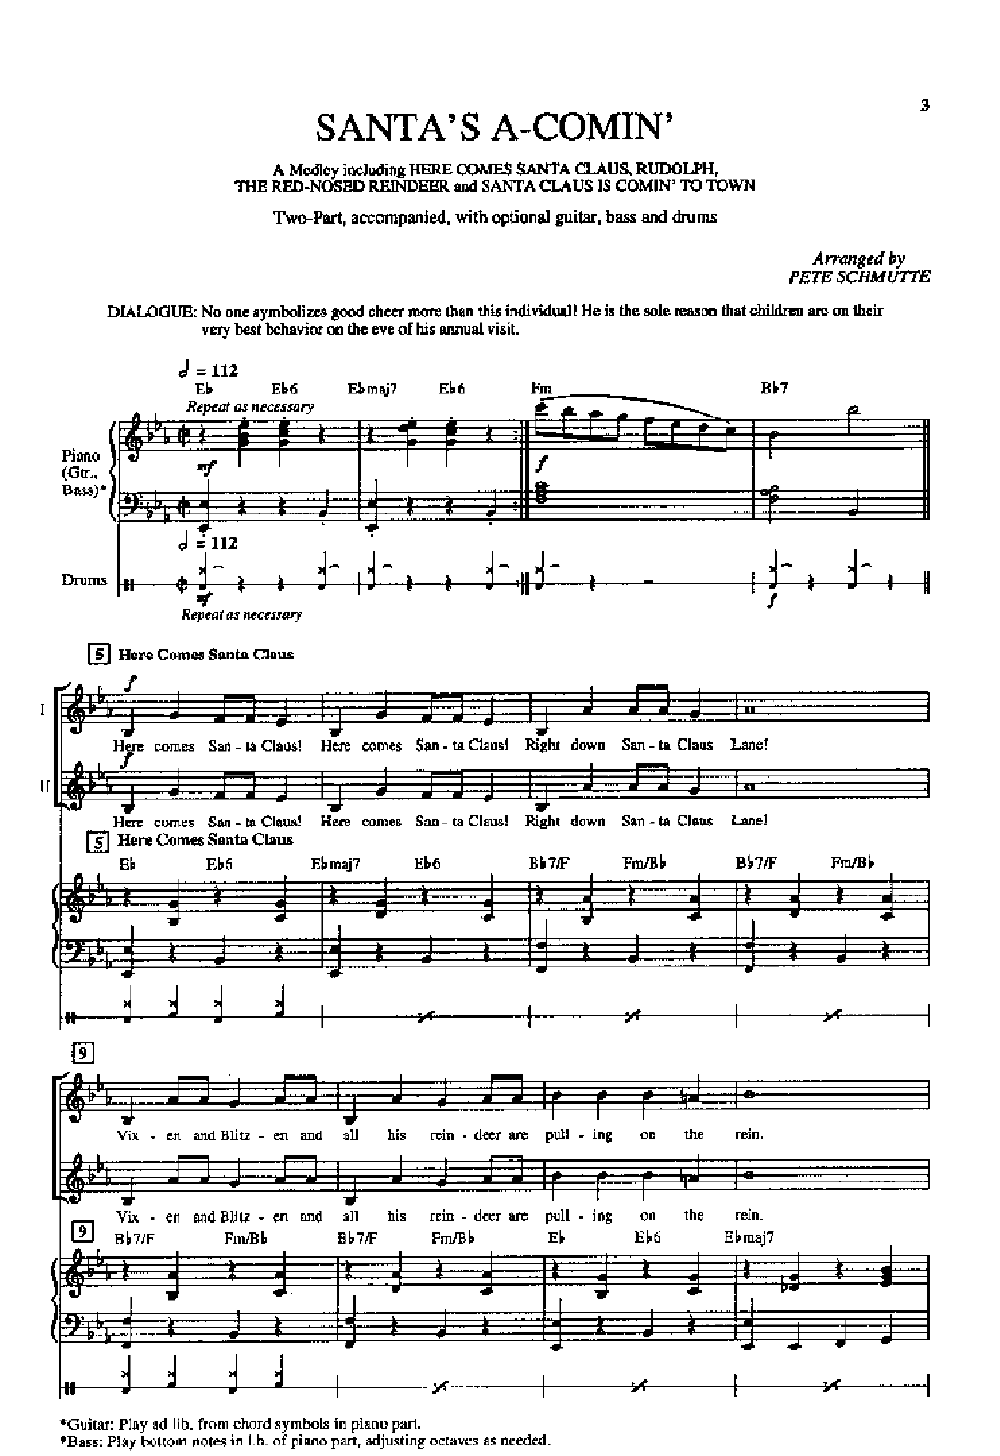 Santas A Coming A Medley Two Part By Sch Jw Pepper Sheet Music